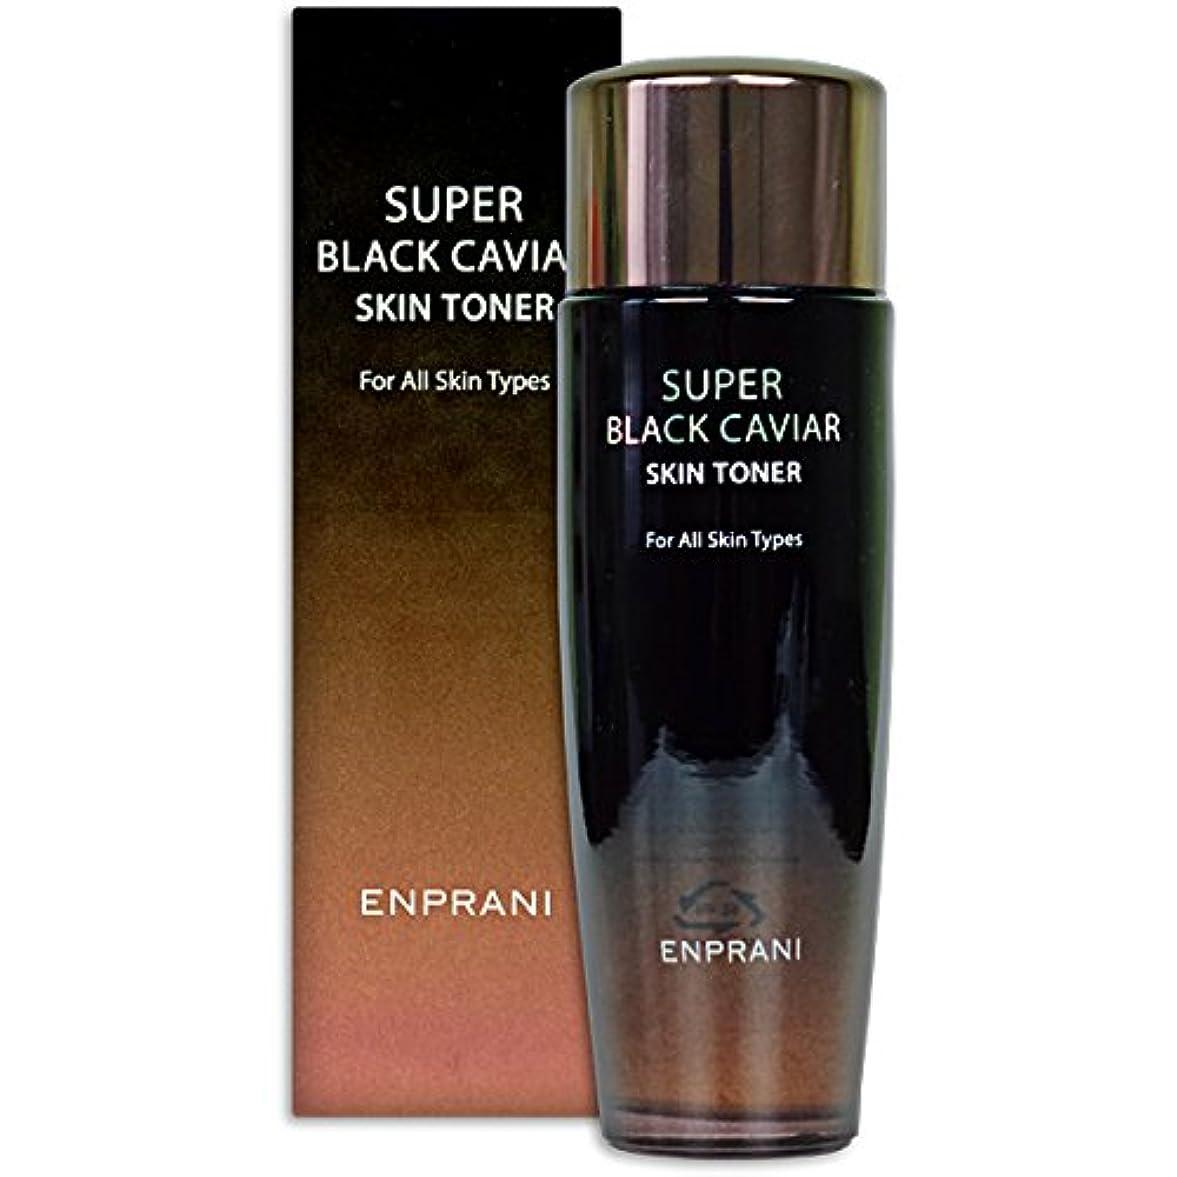 ベンチ不適差し迫ったENPRANI Super Black Caviar Skin Toner 150ml /エンプラニスーパーブラックキャビアスキントナー150ml [並行輸入品]